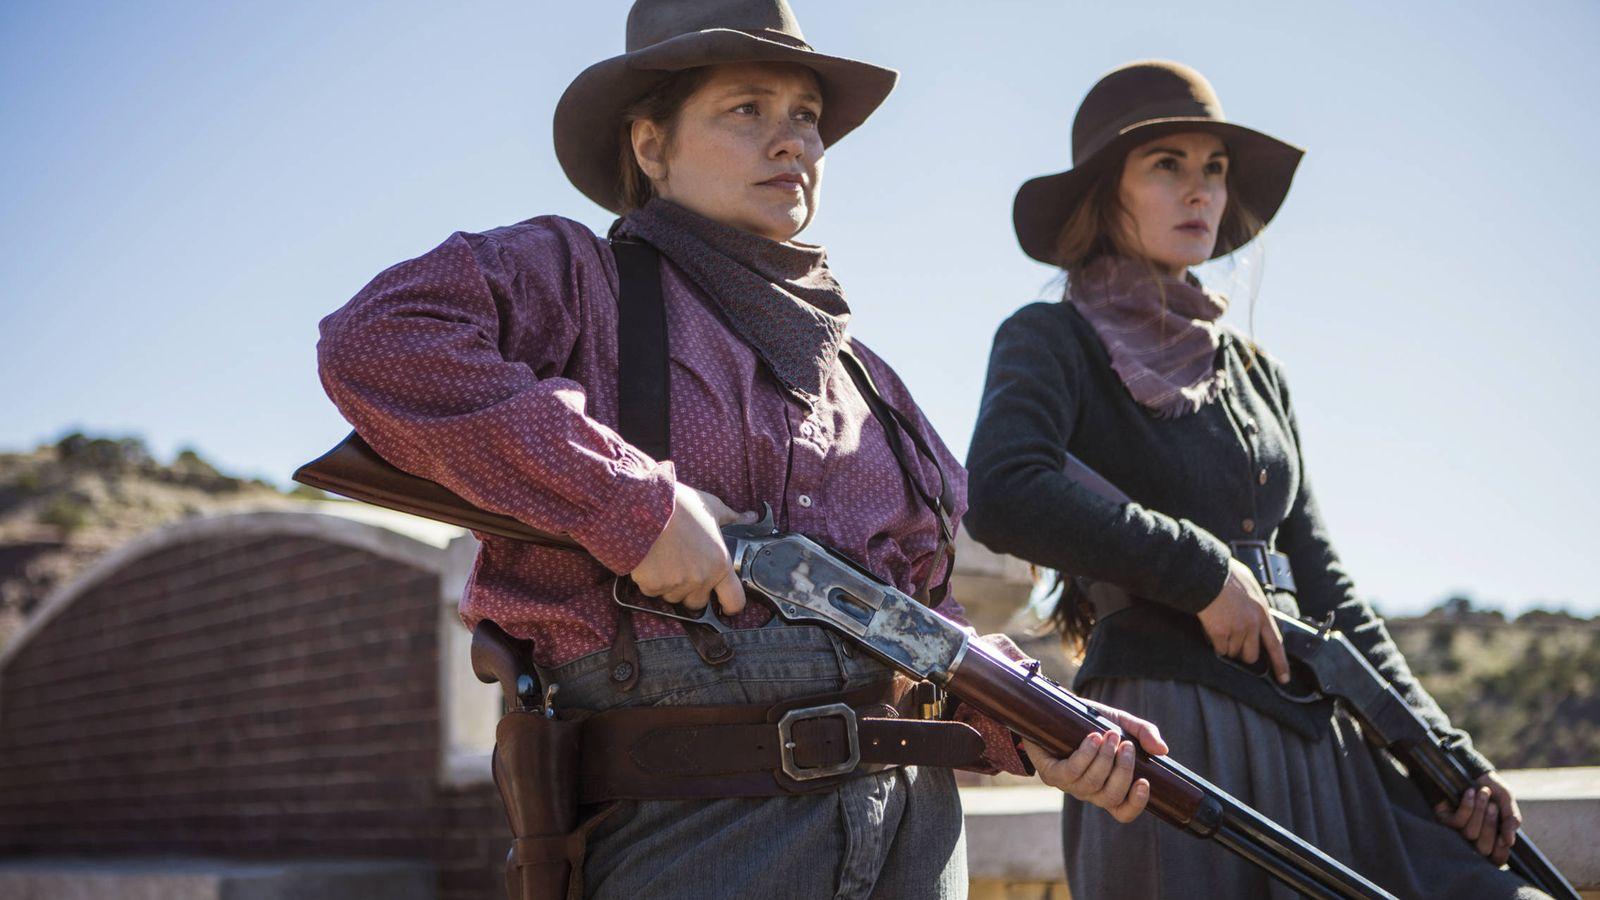 Foto: Merritt Wever y Michelle Dockery, dos mujeres dispuestas a todo para proteger su localidad. (Netflix)